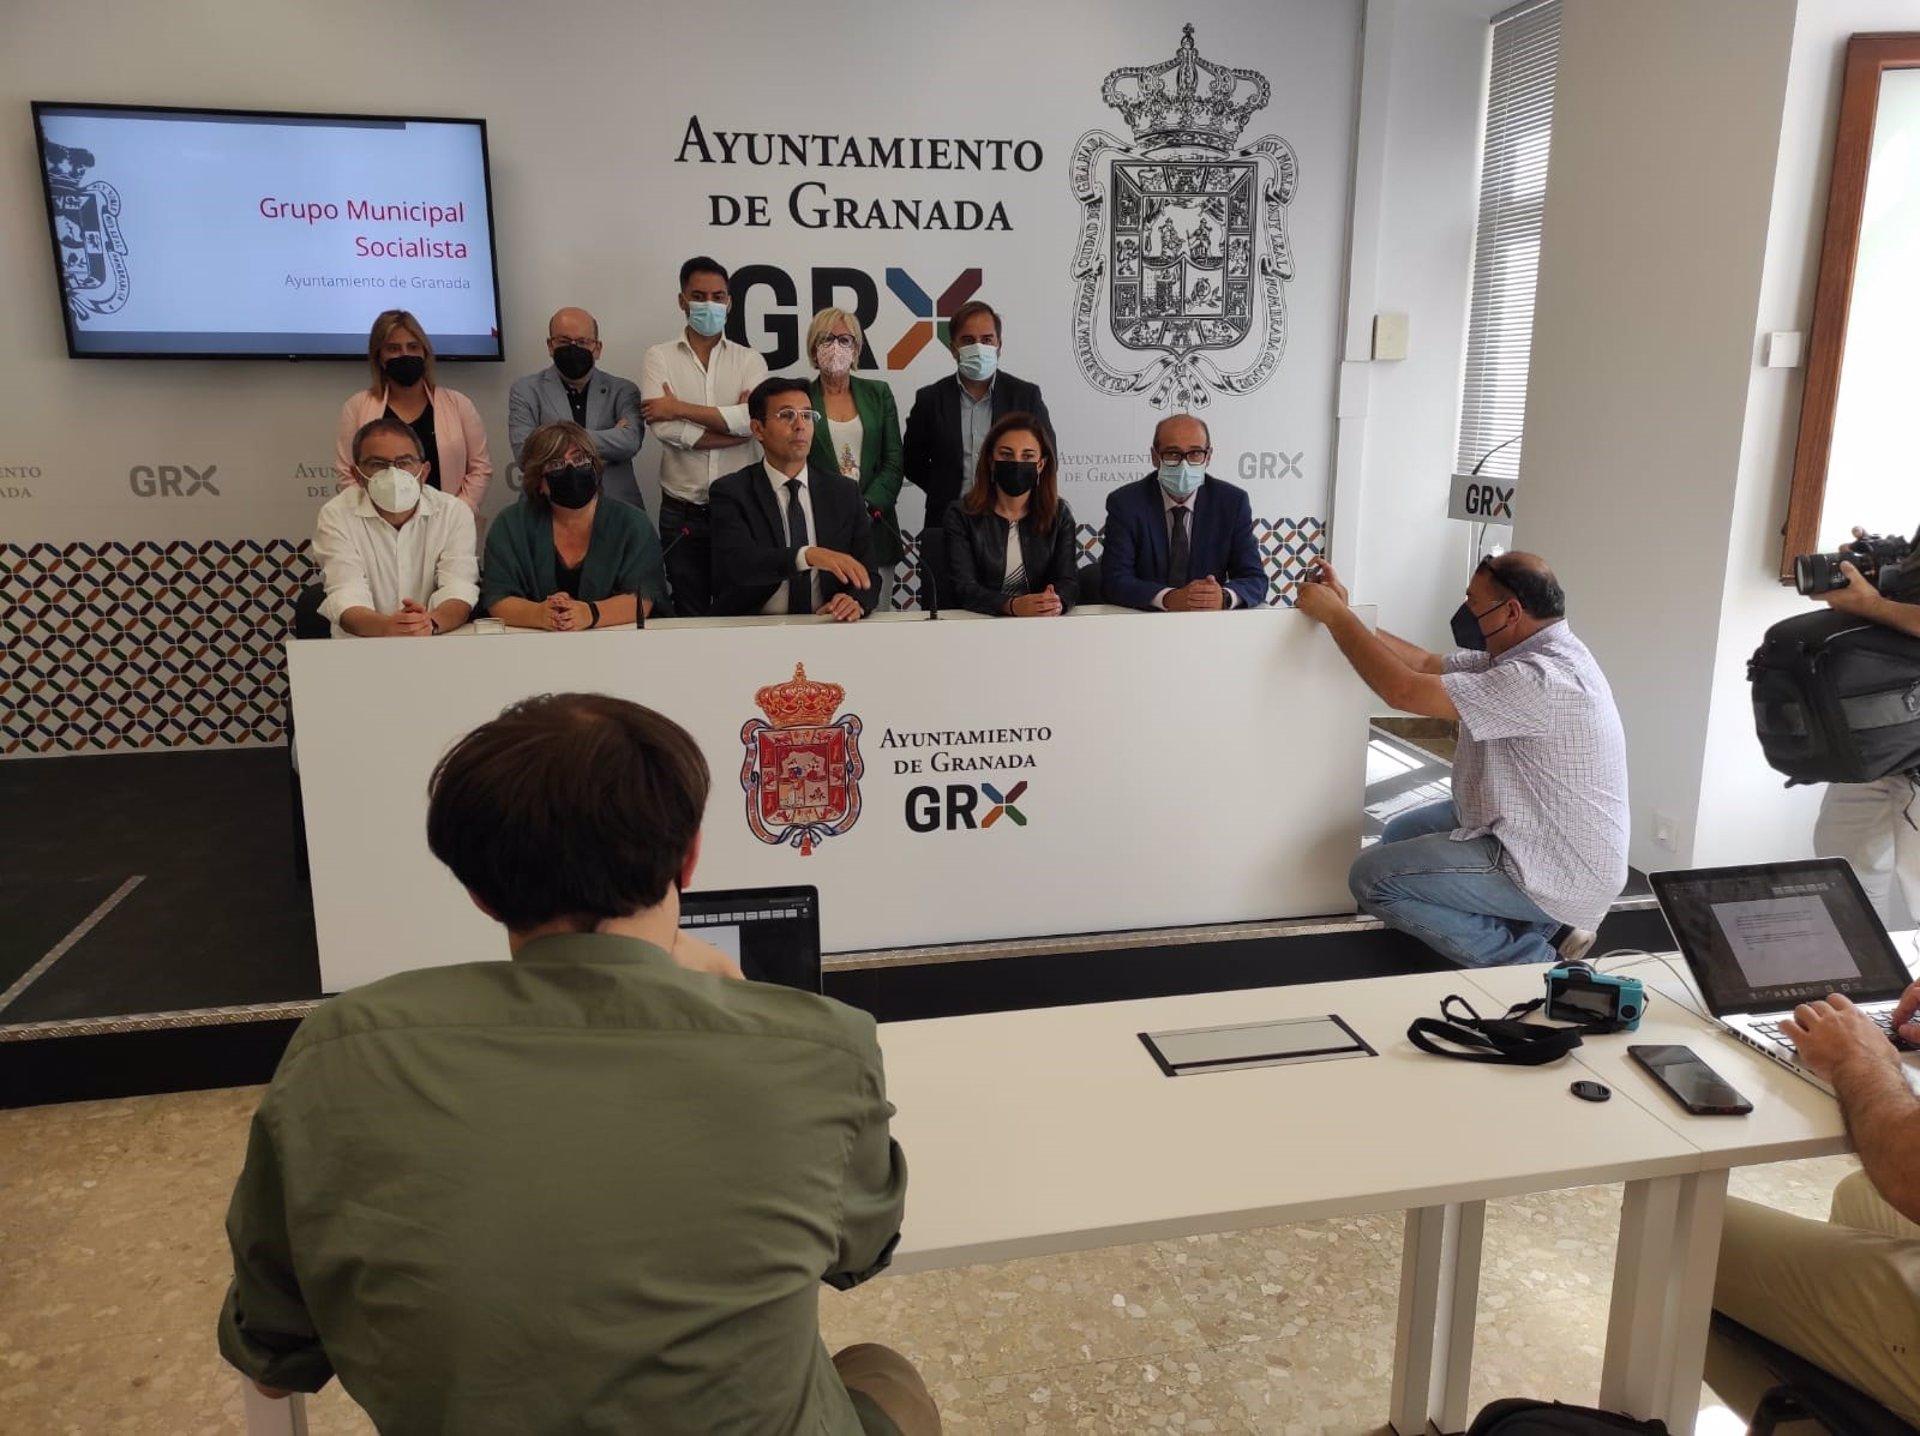 El PSOE anuncia contactos para plantear una moción de censura si el alcalde no dimite en 72 horas